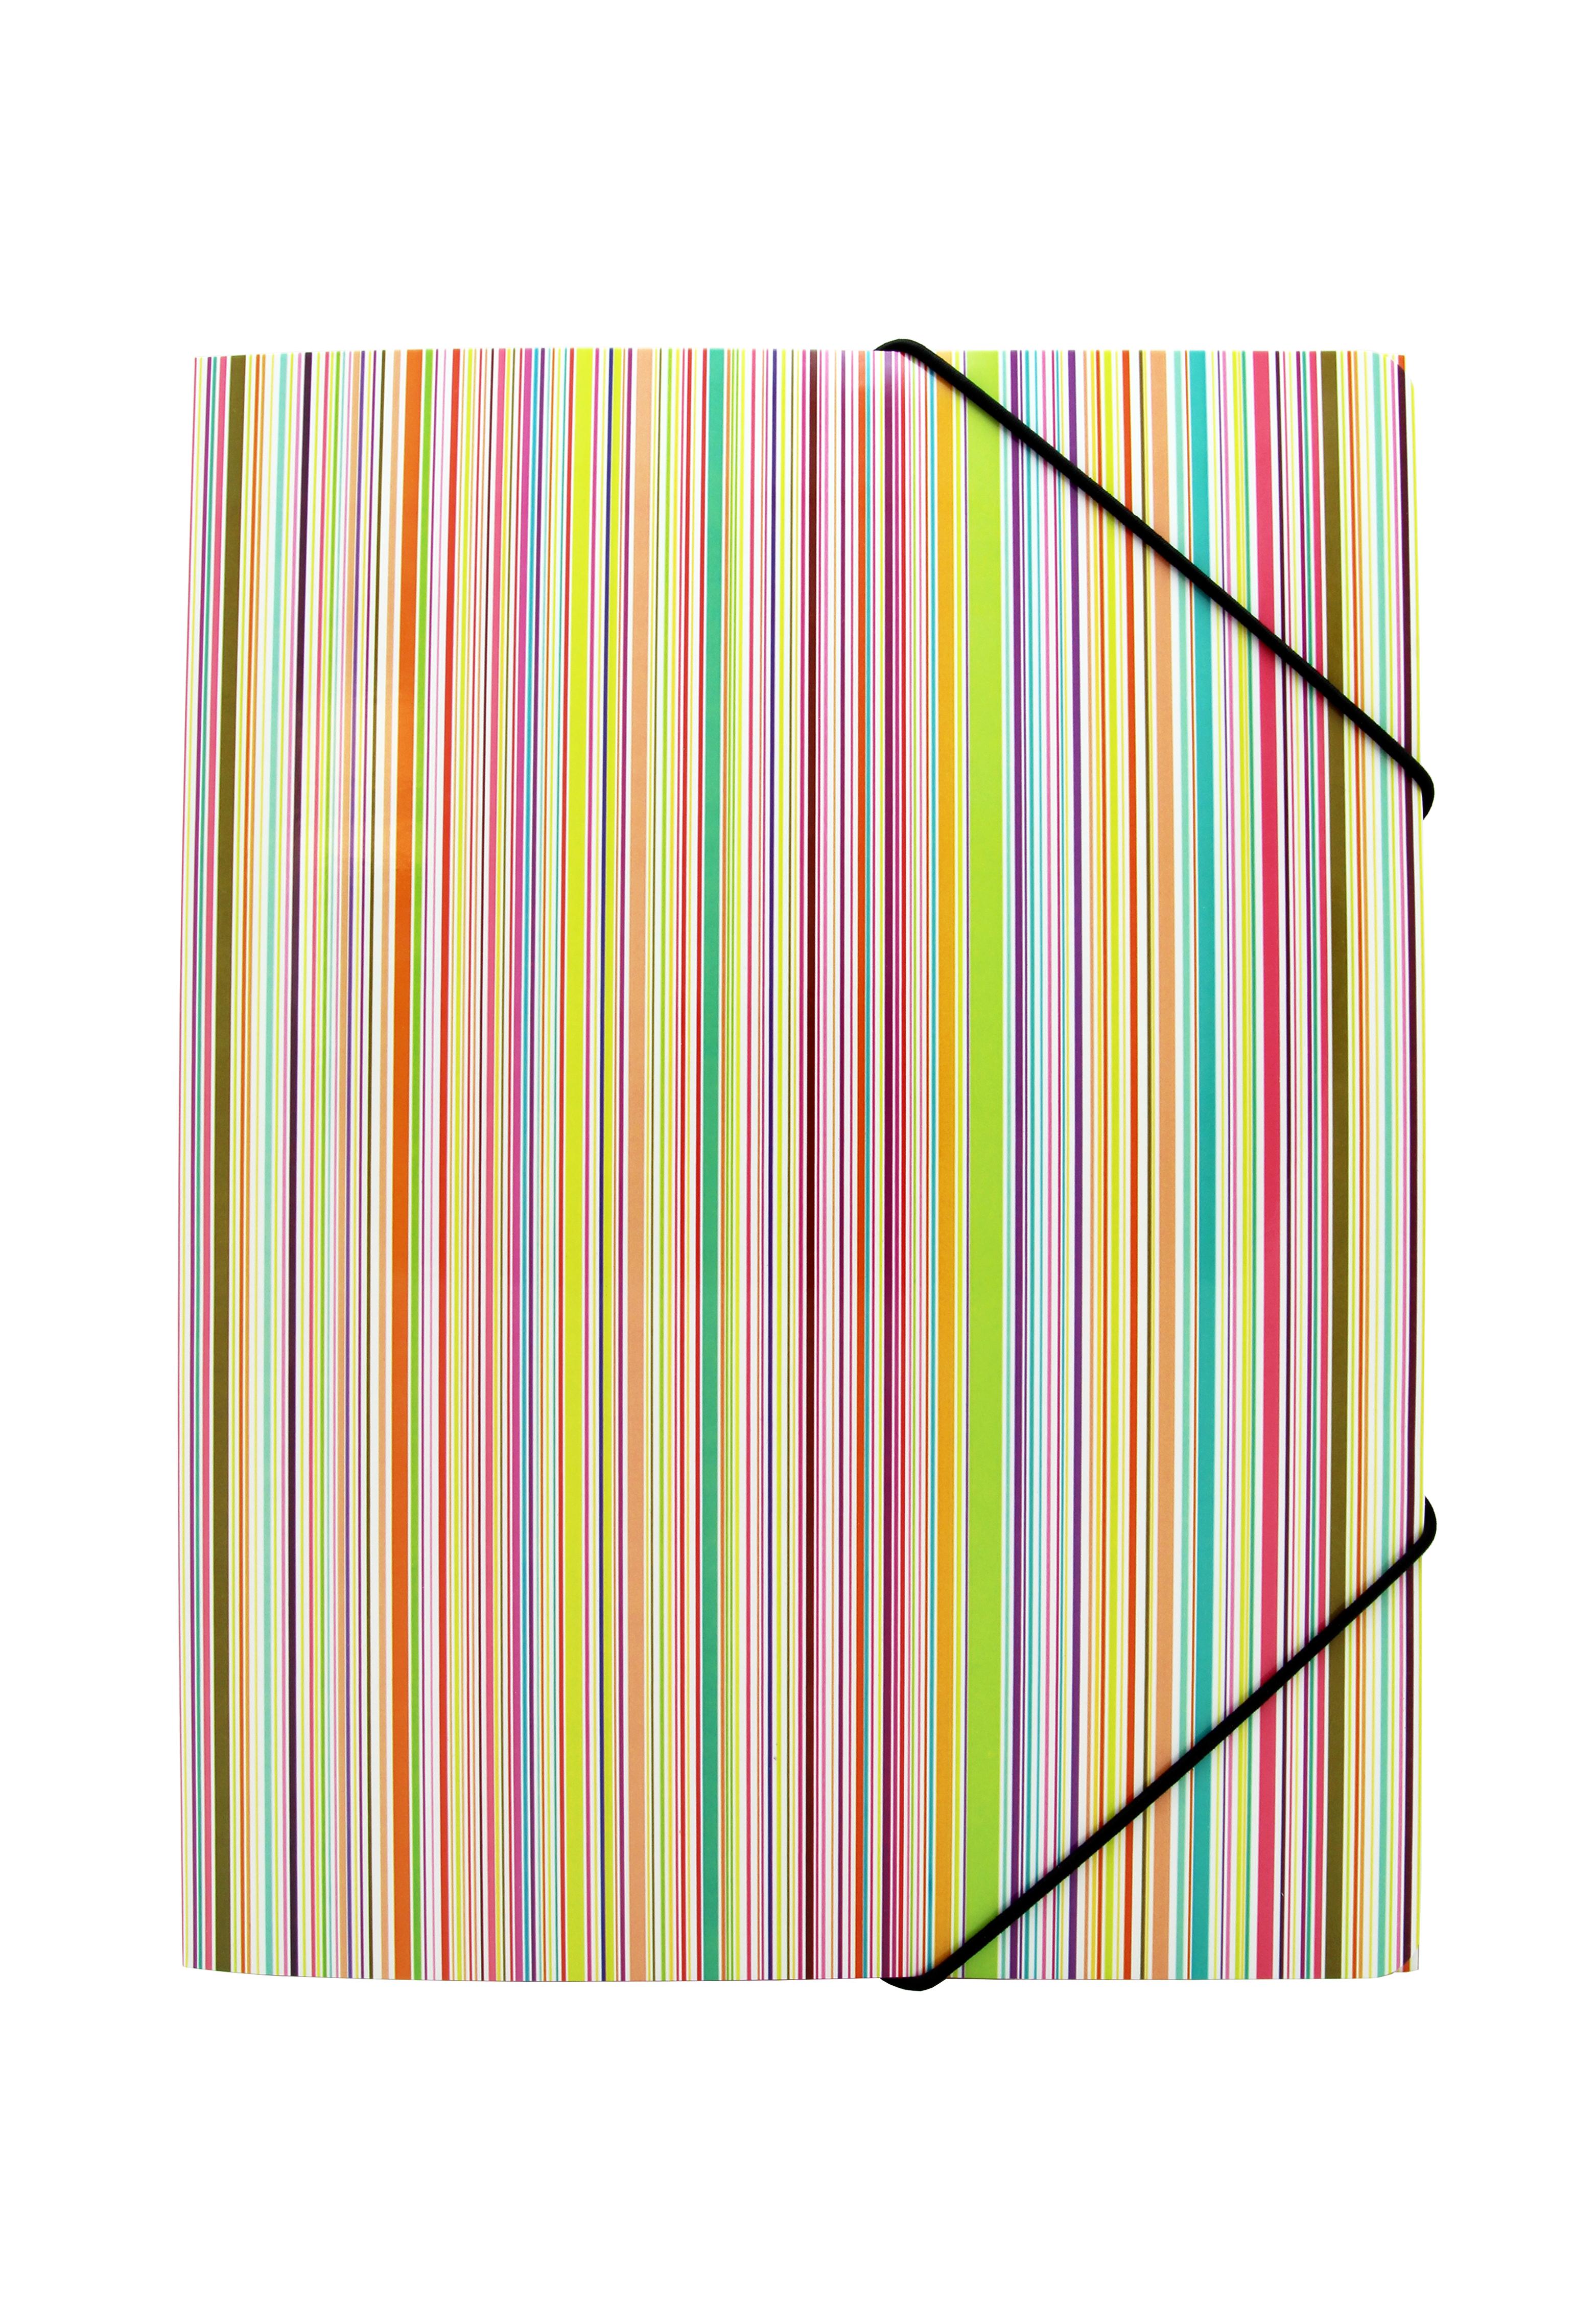 Image of   3-klap elastikmappe A4, karton, regnbue